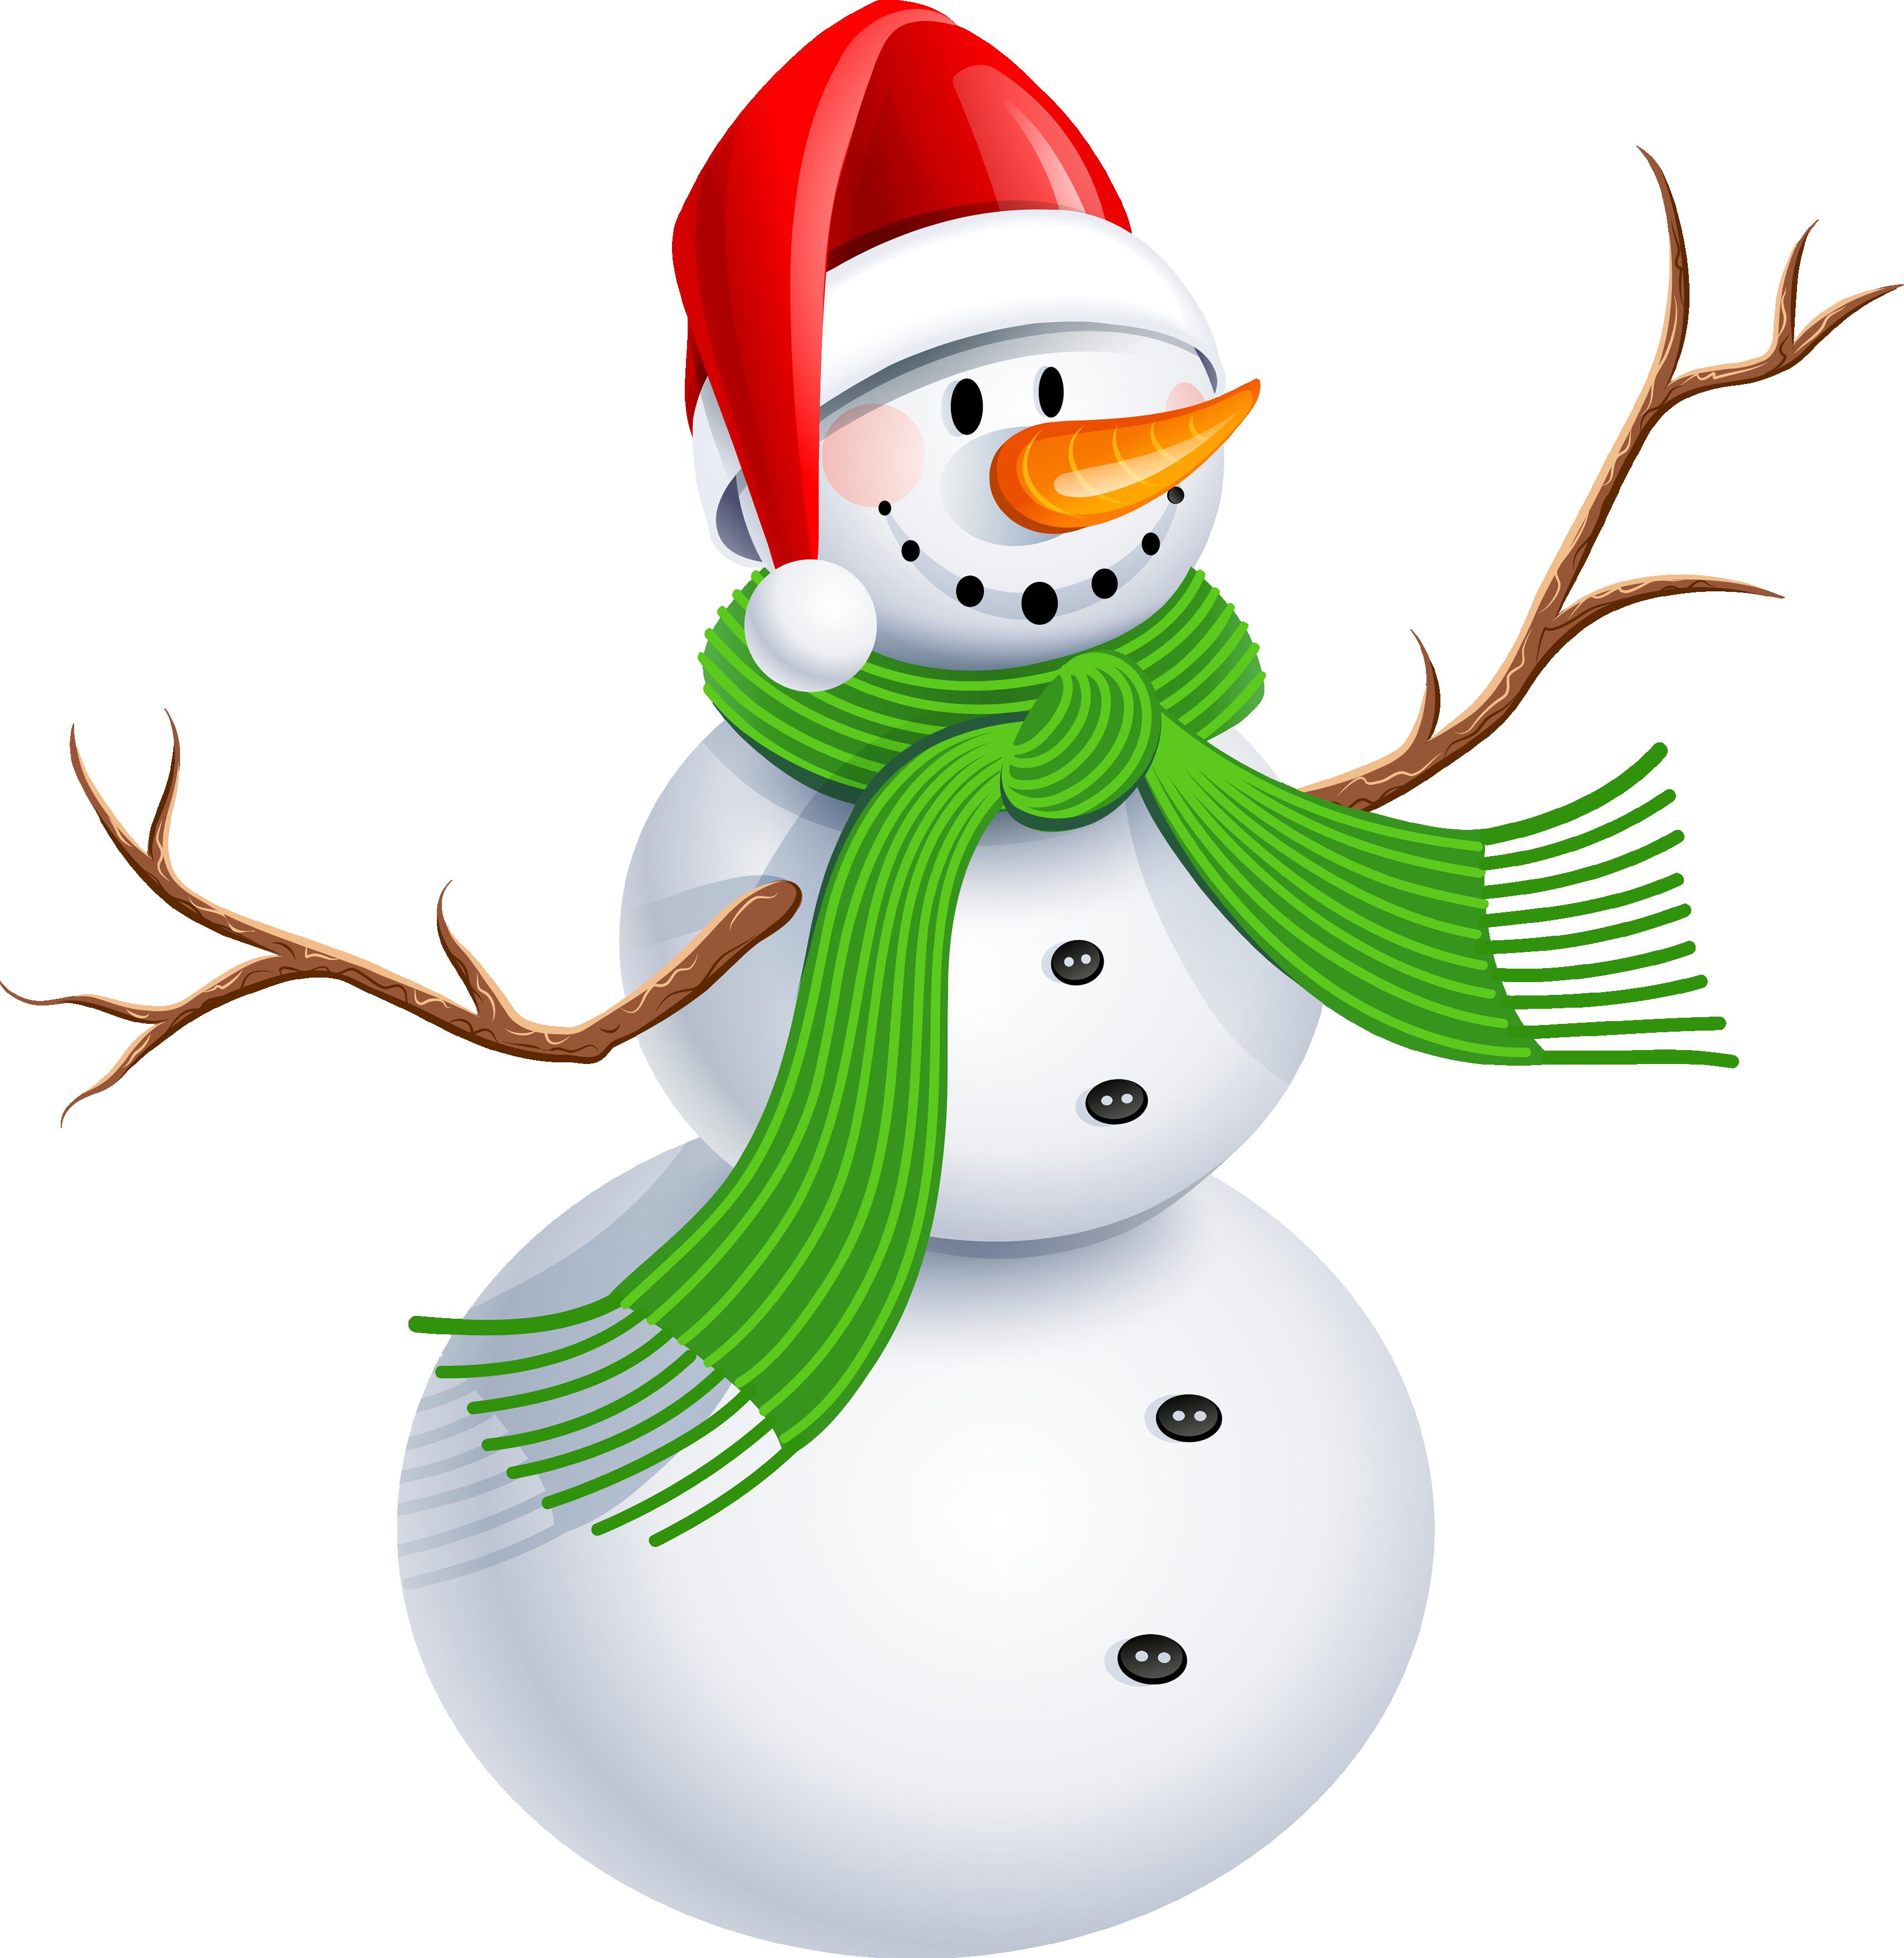 3417x3513 Cute Snowman Clipart Png